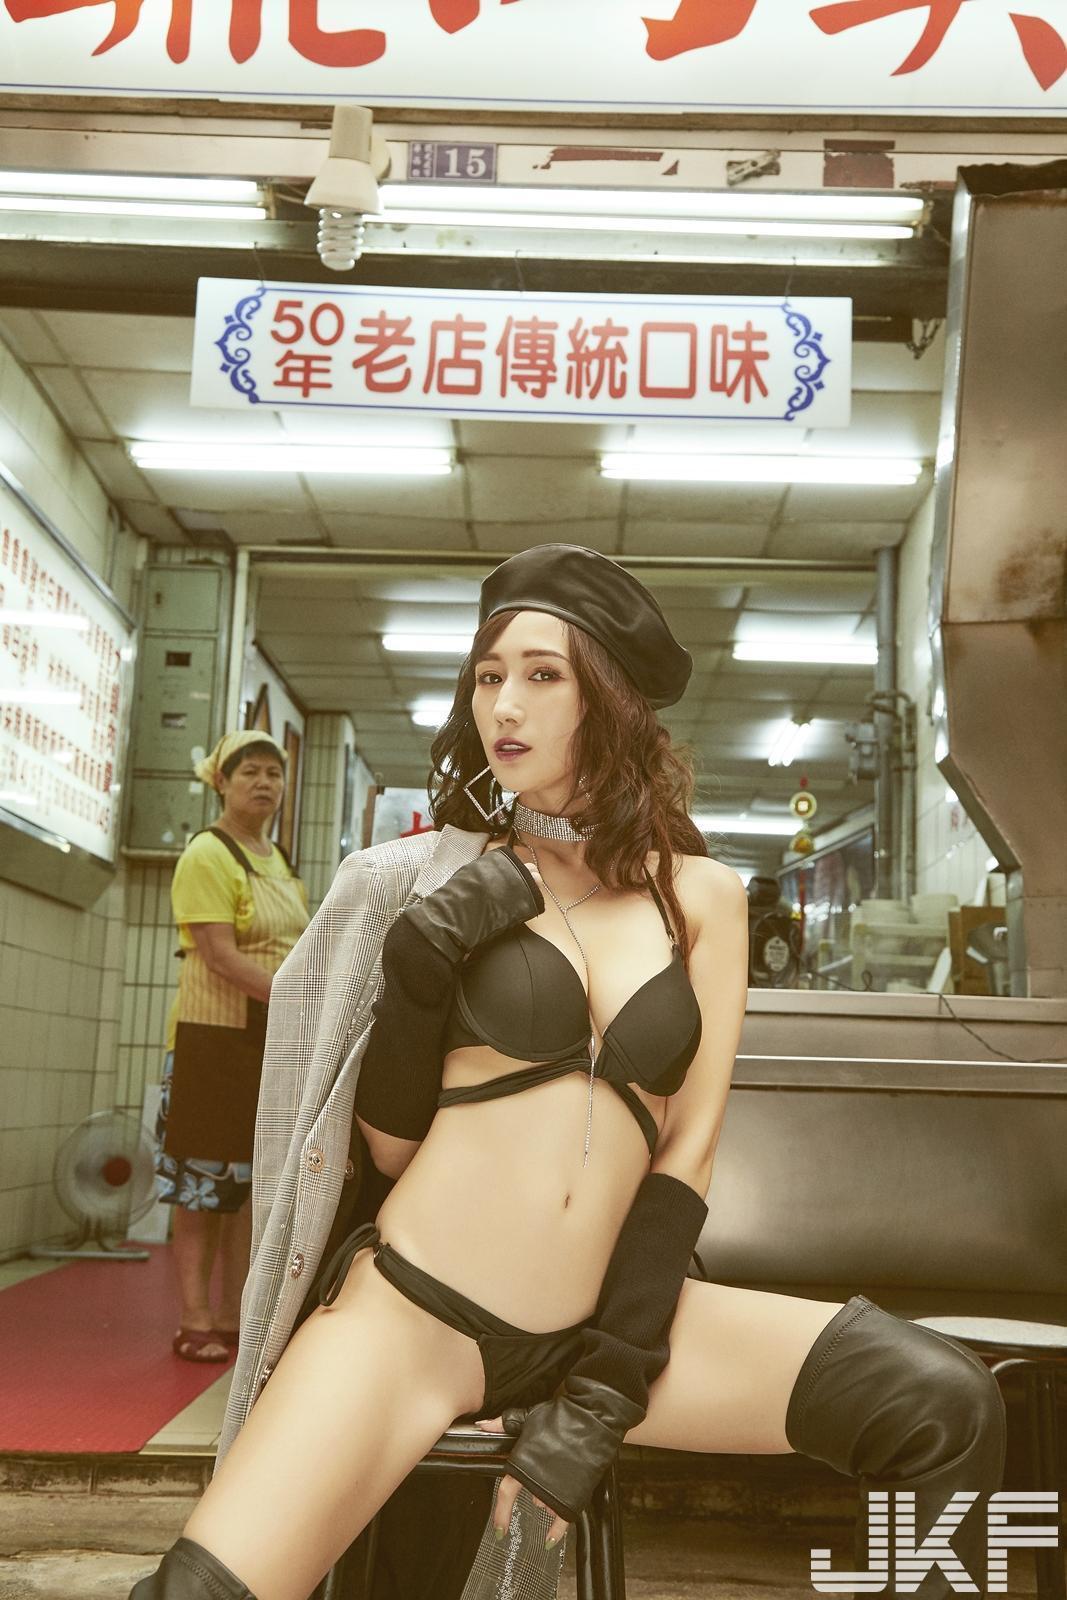 在台灣傳統小吃店前面擺出性感姿勢,JULIA表情滿分。(JFK提供)